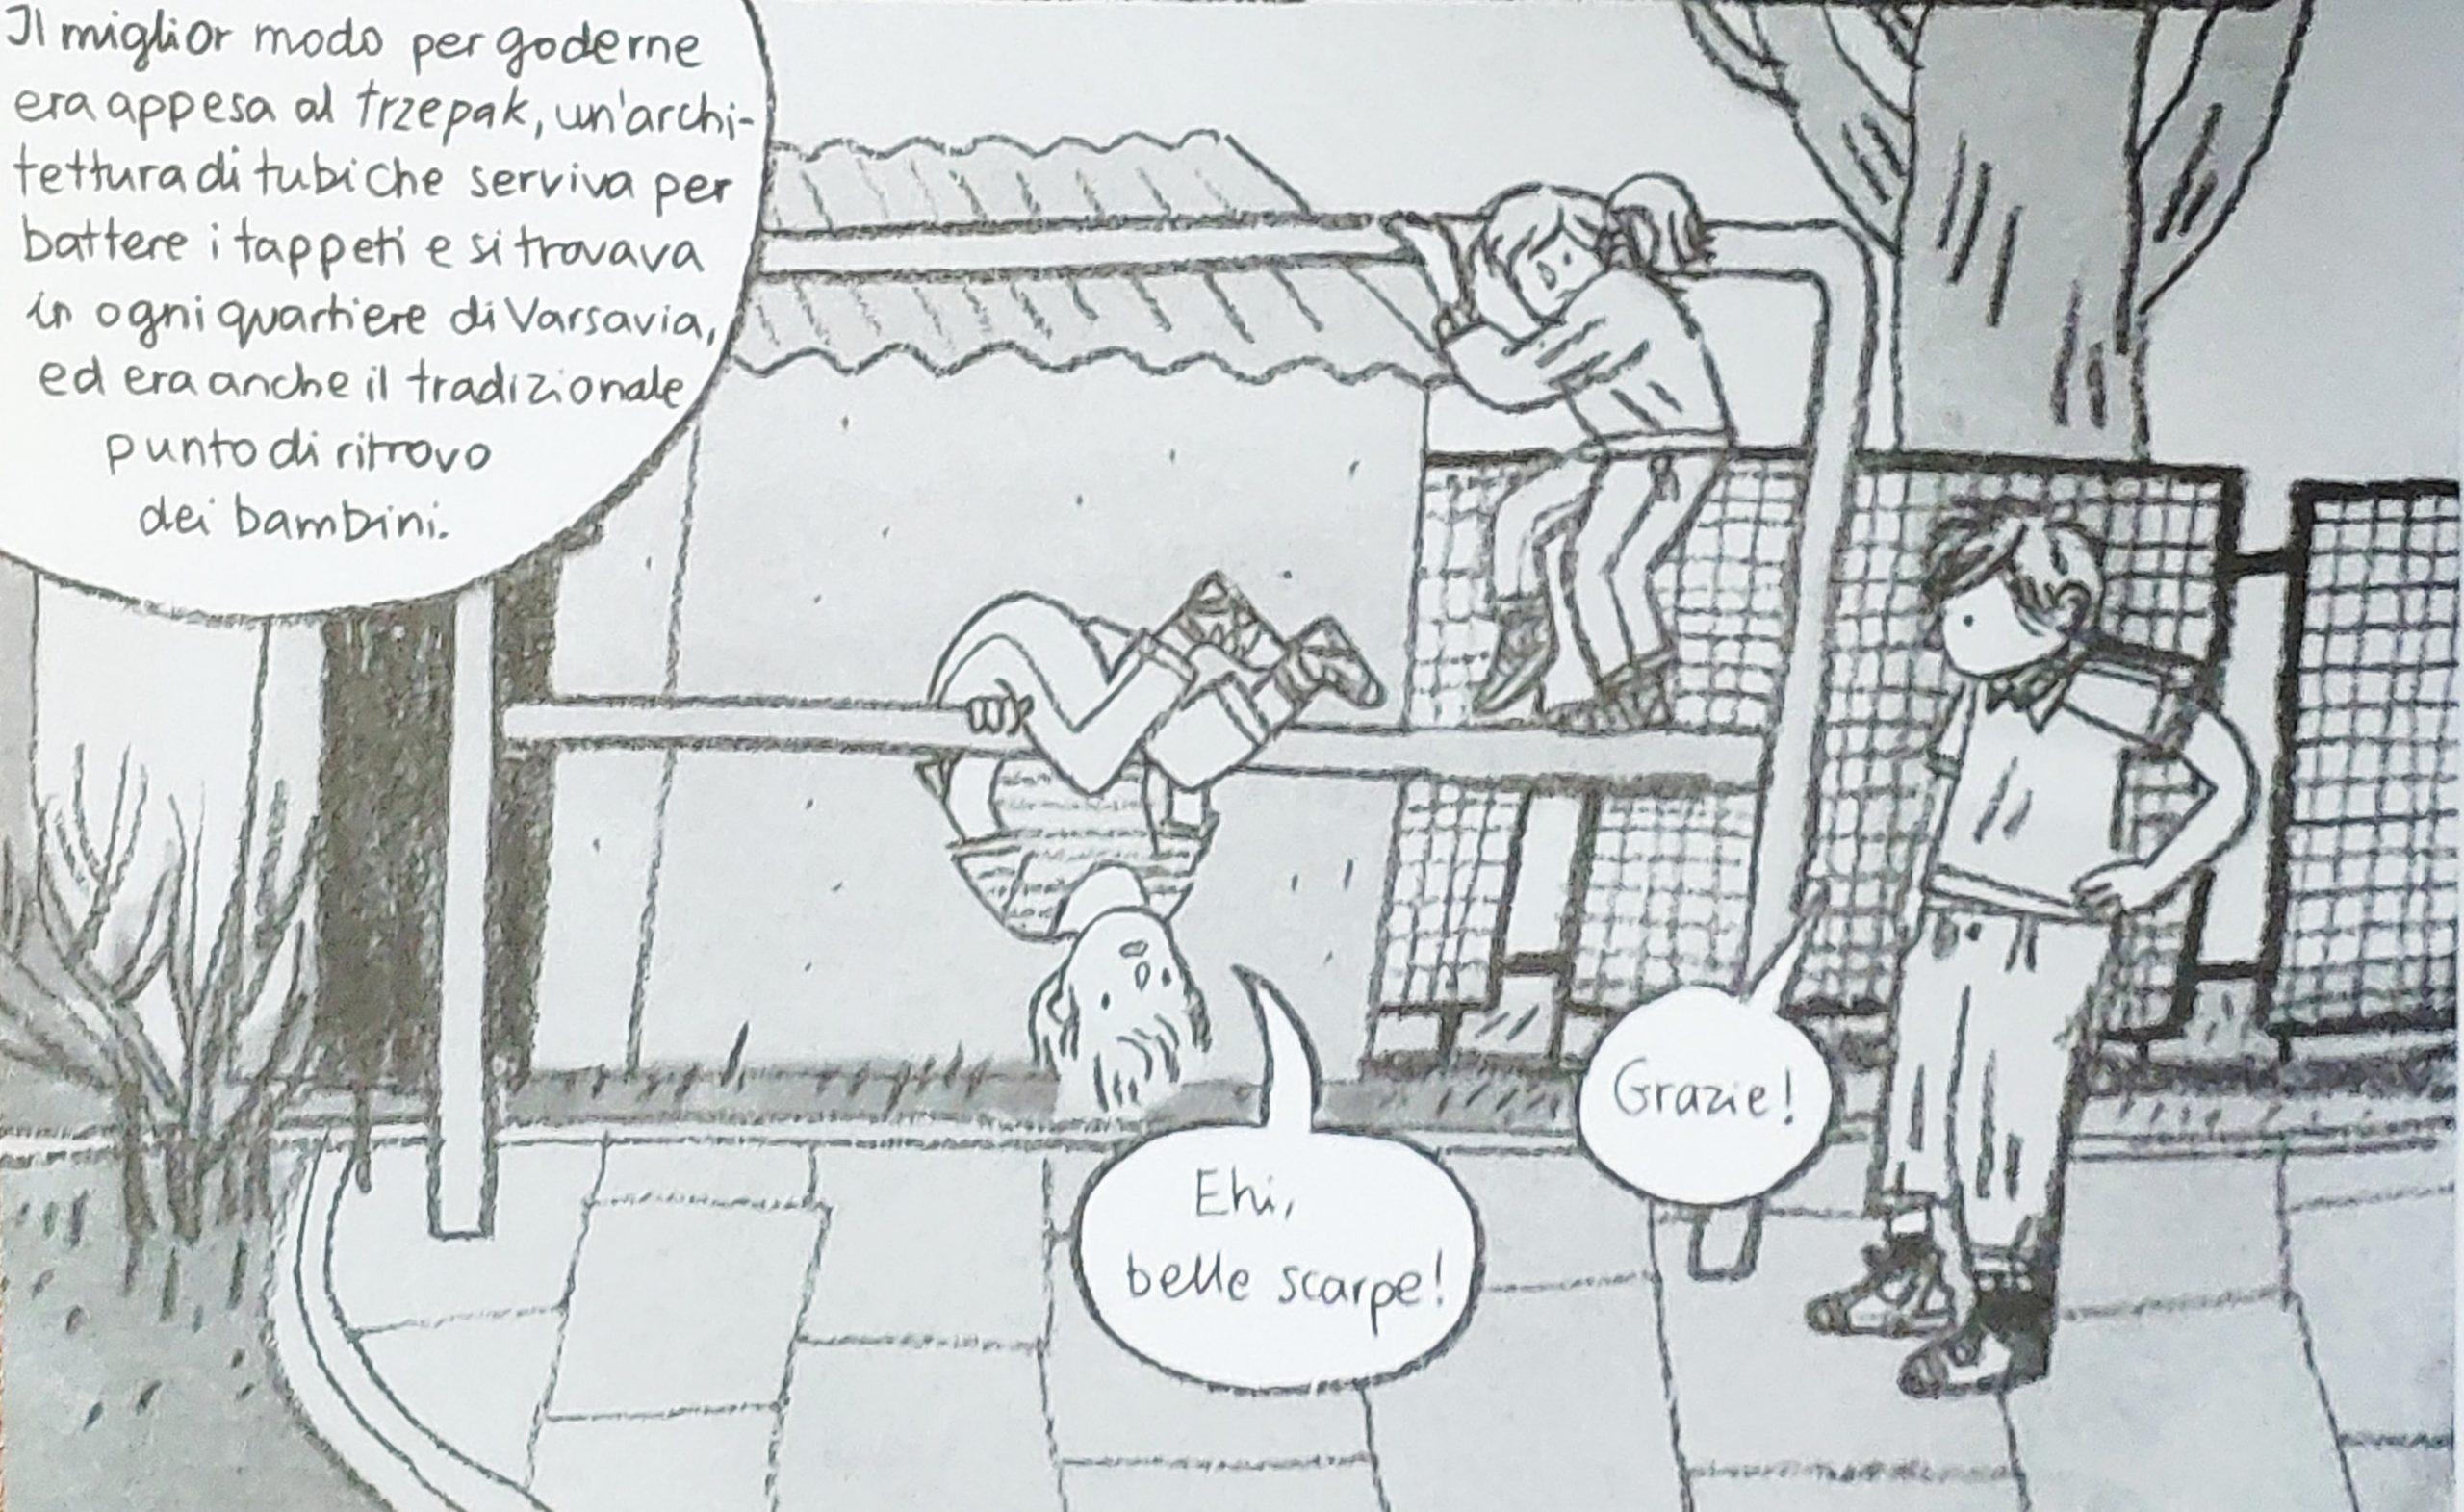 Mio caro fumetto… – I giochi al trzepak vicino casa. Una prospettiva a testa in giù